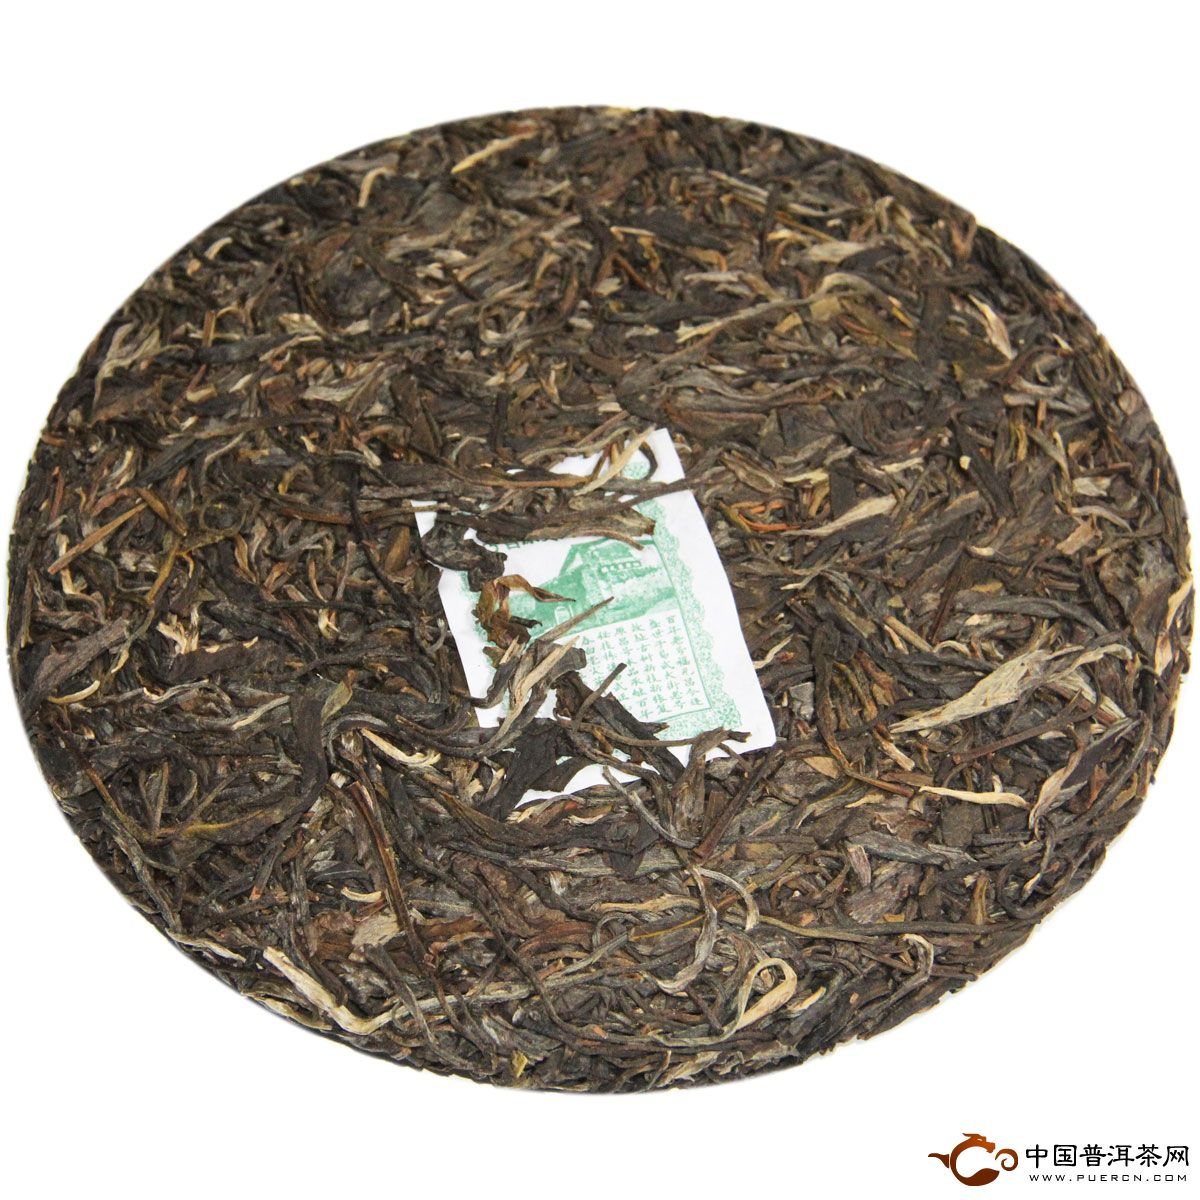 2012年陈升号(复原昌易武大树)生茶 357克